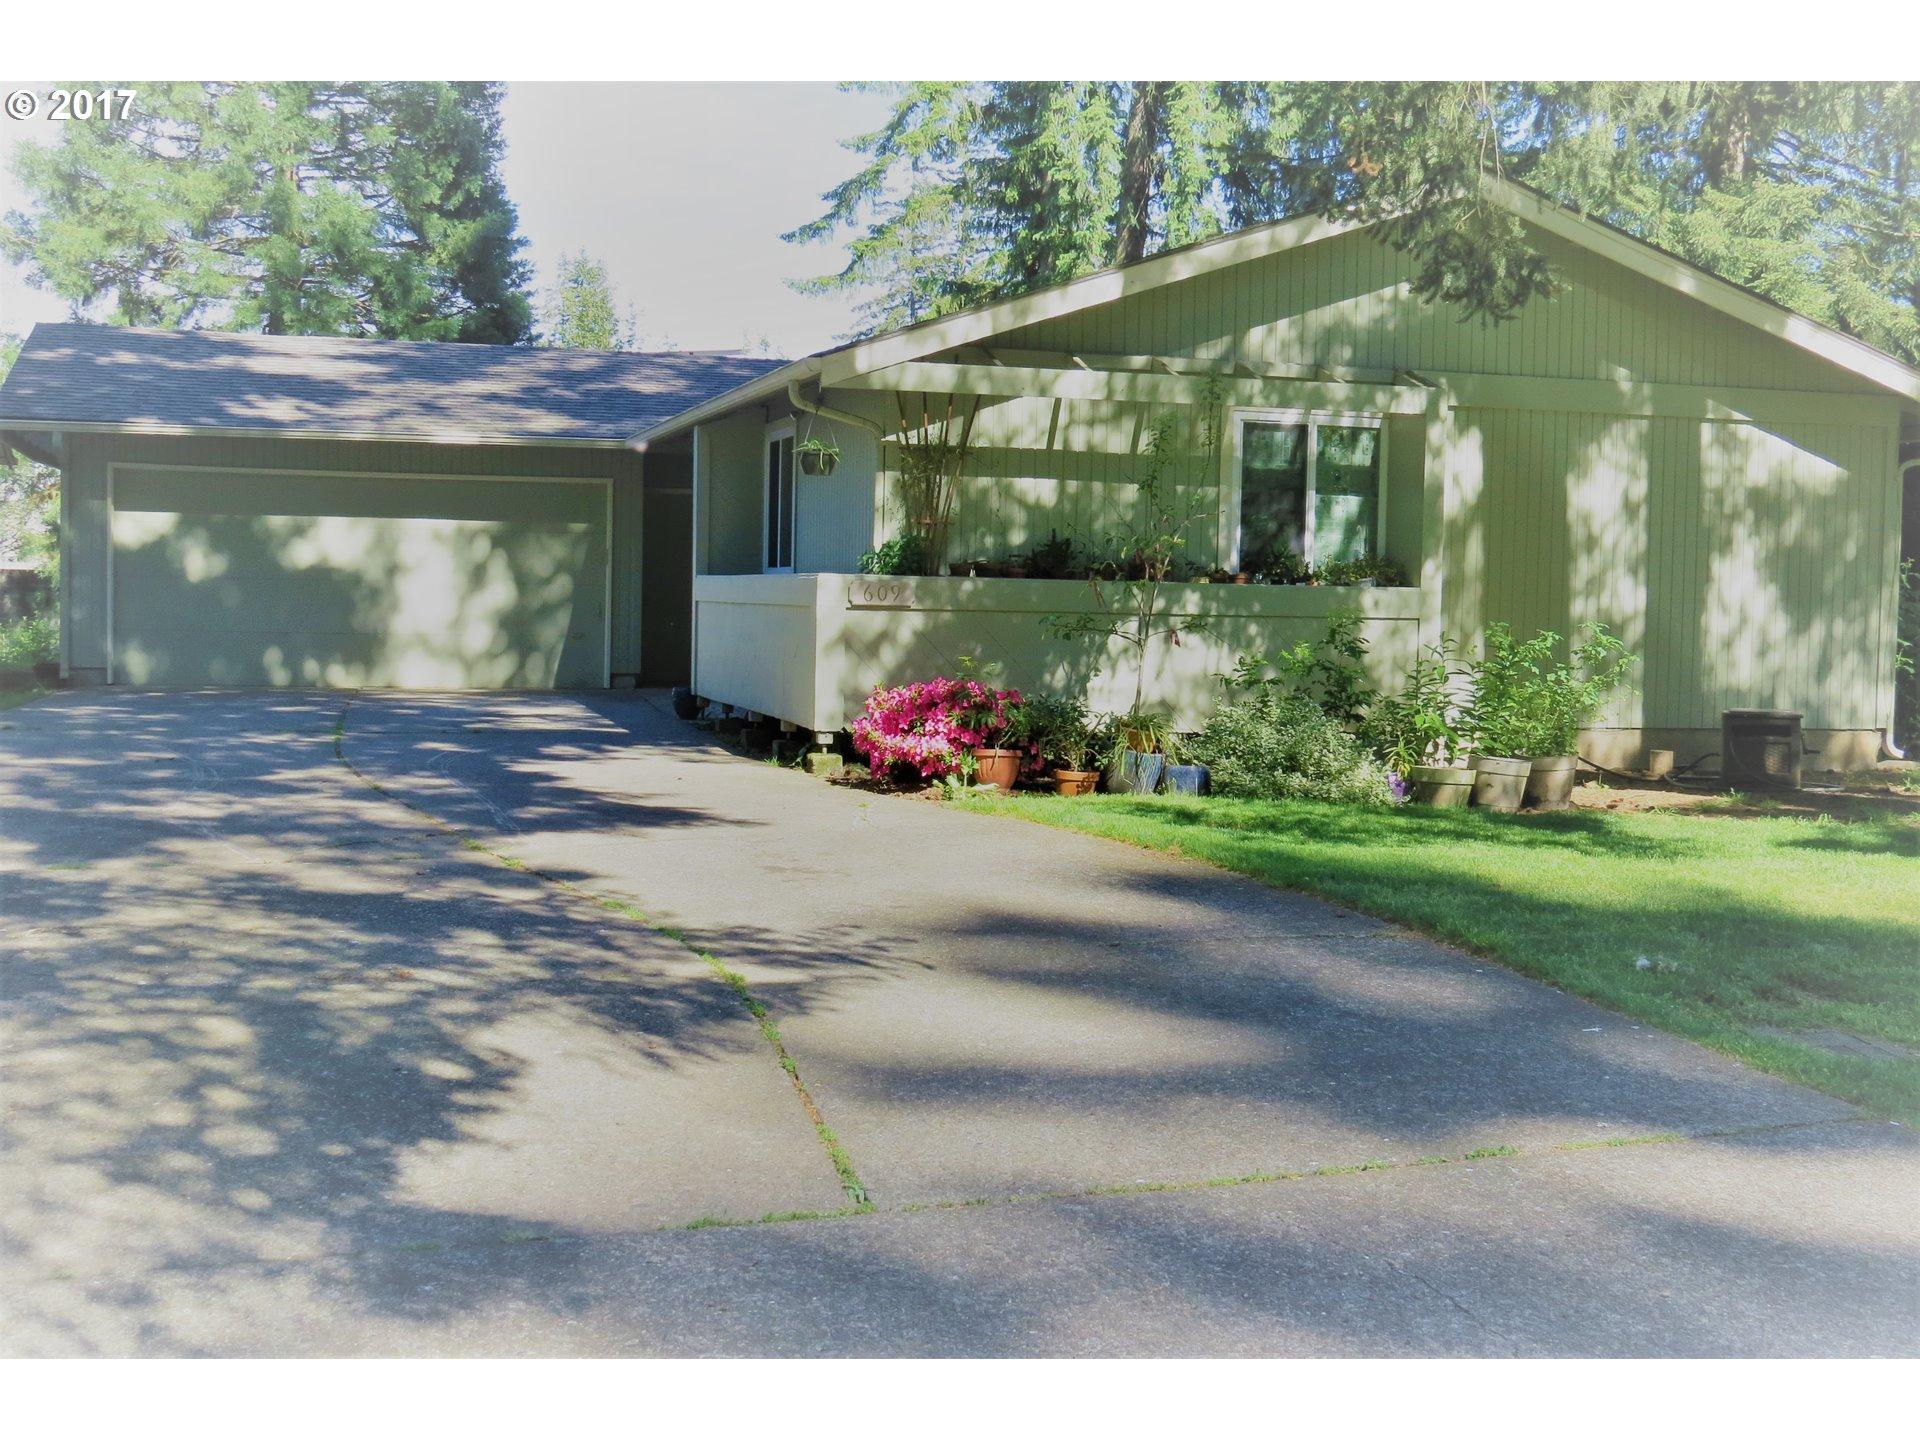 609 NE 132ND AVE, Vancouver, WA 98684